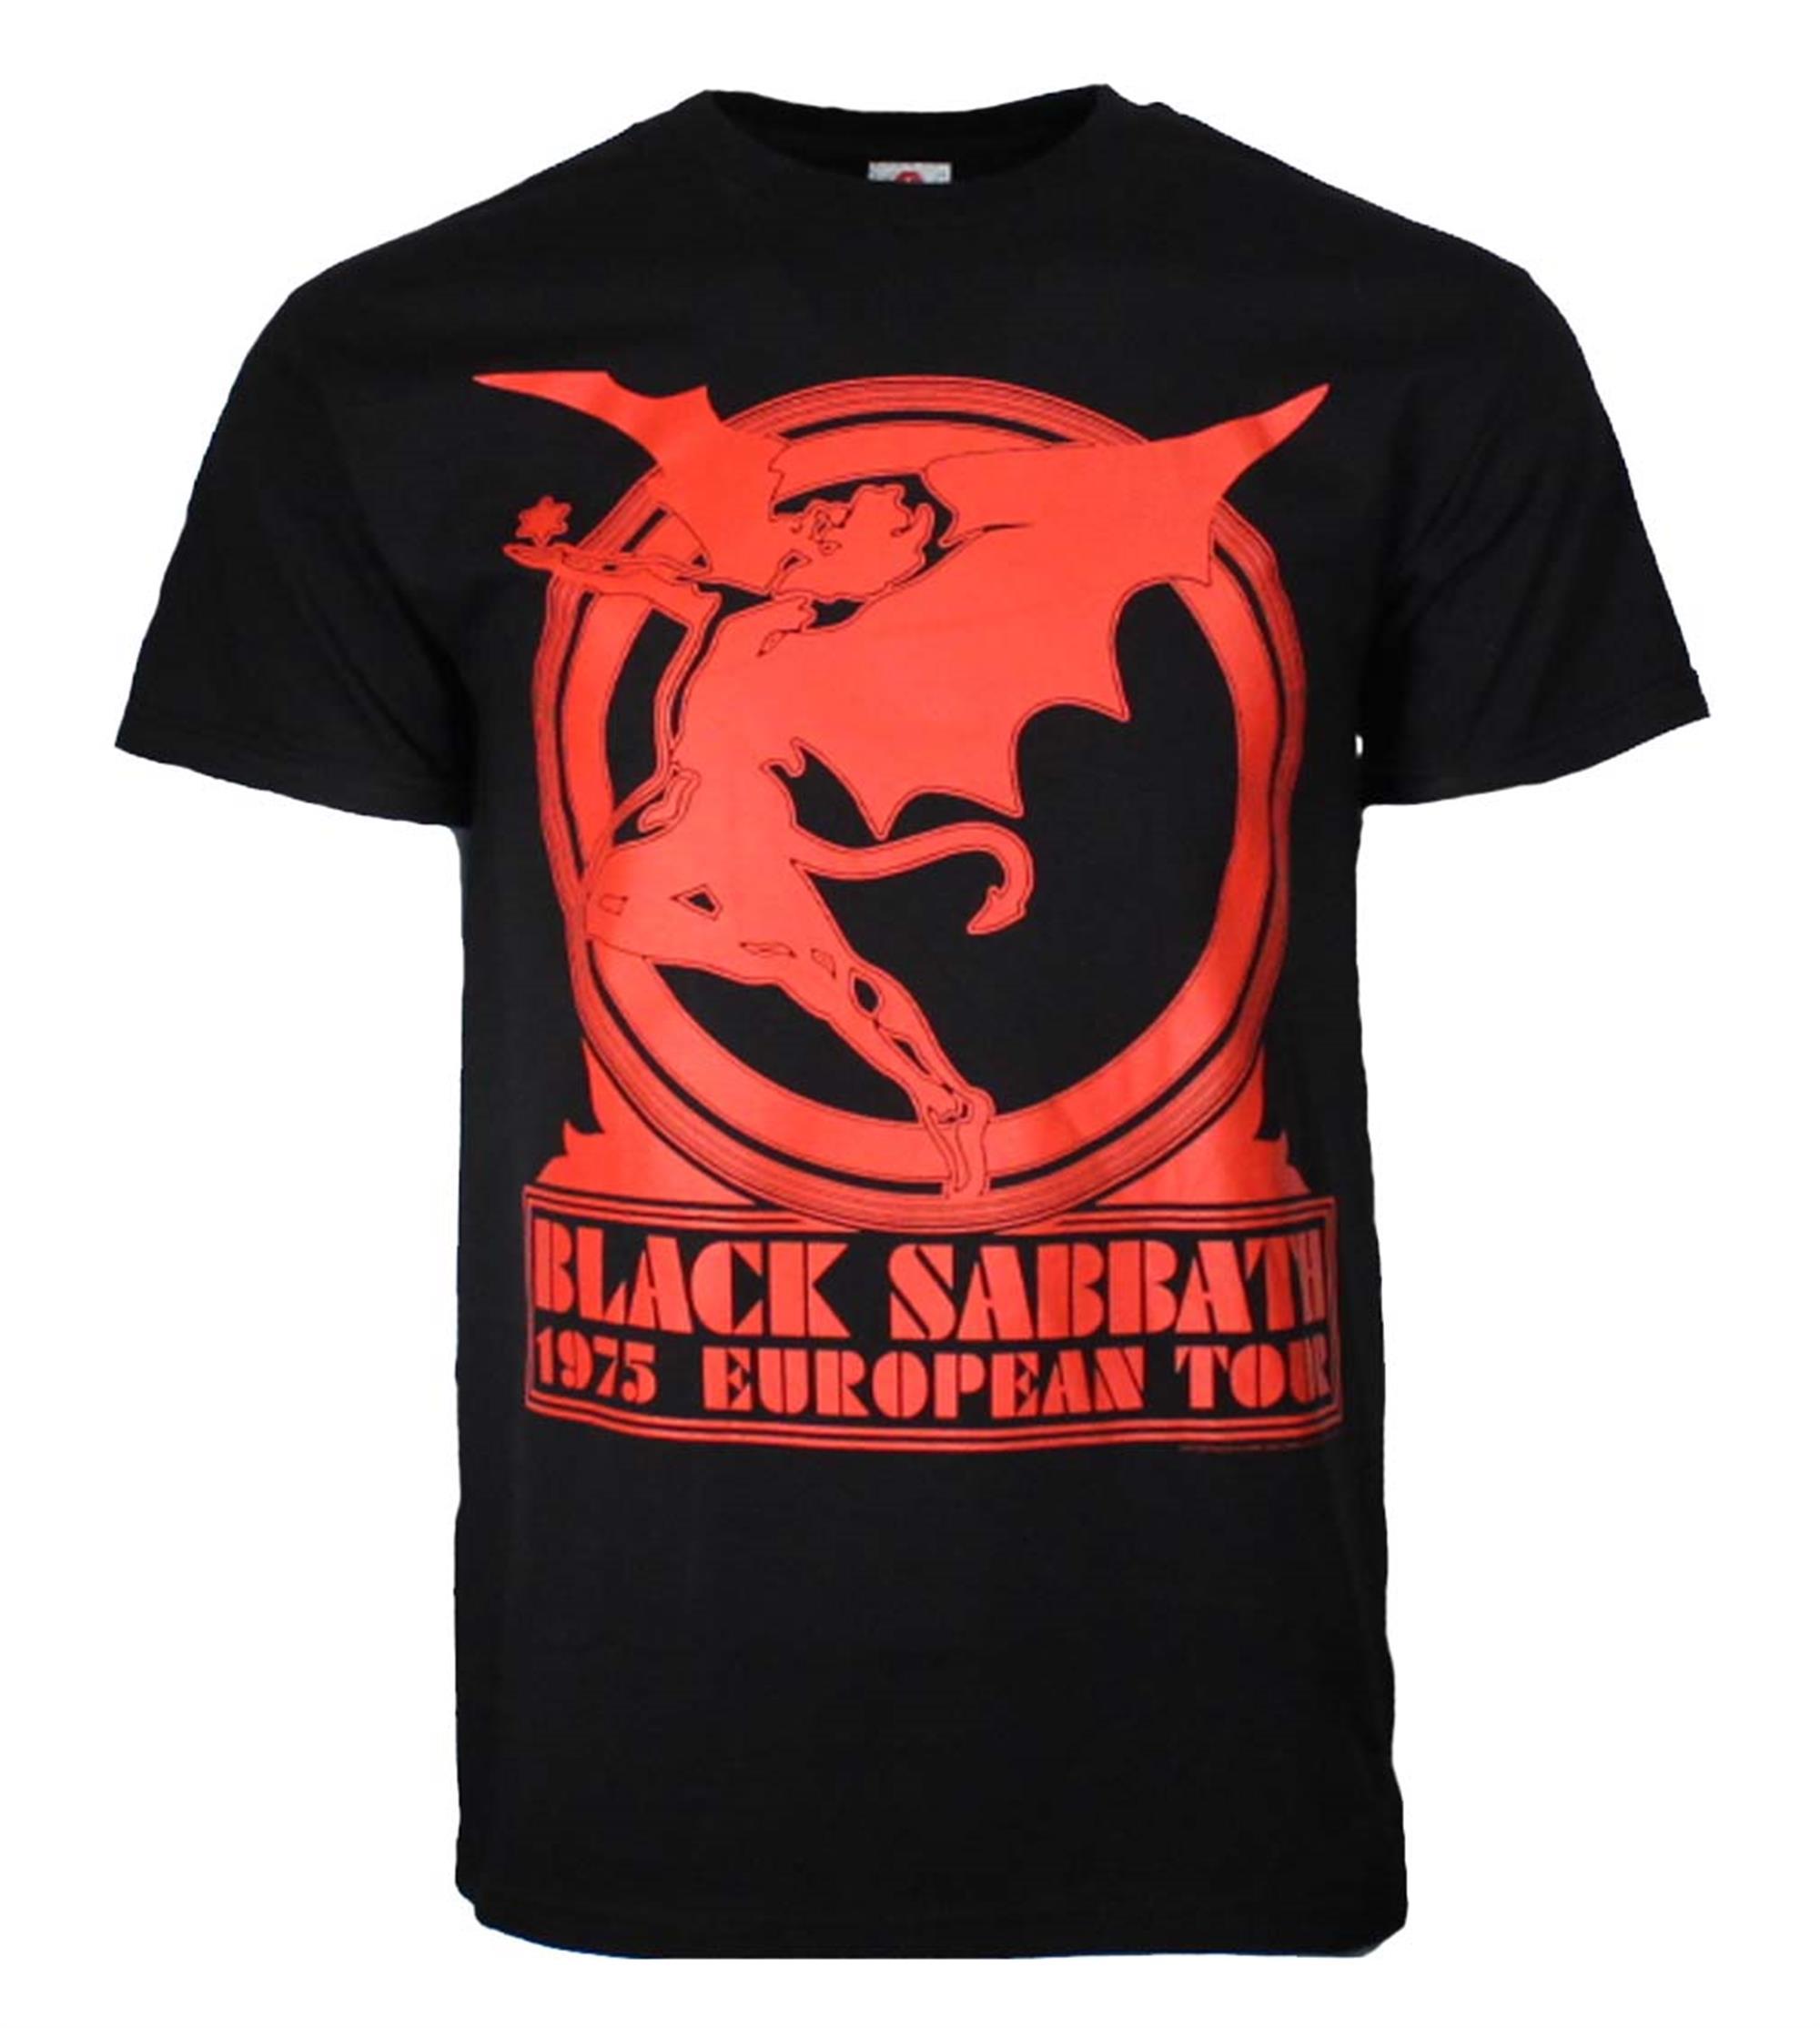 Black Sabbath European Tour '75 T-Shirt